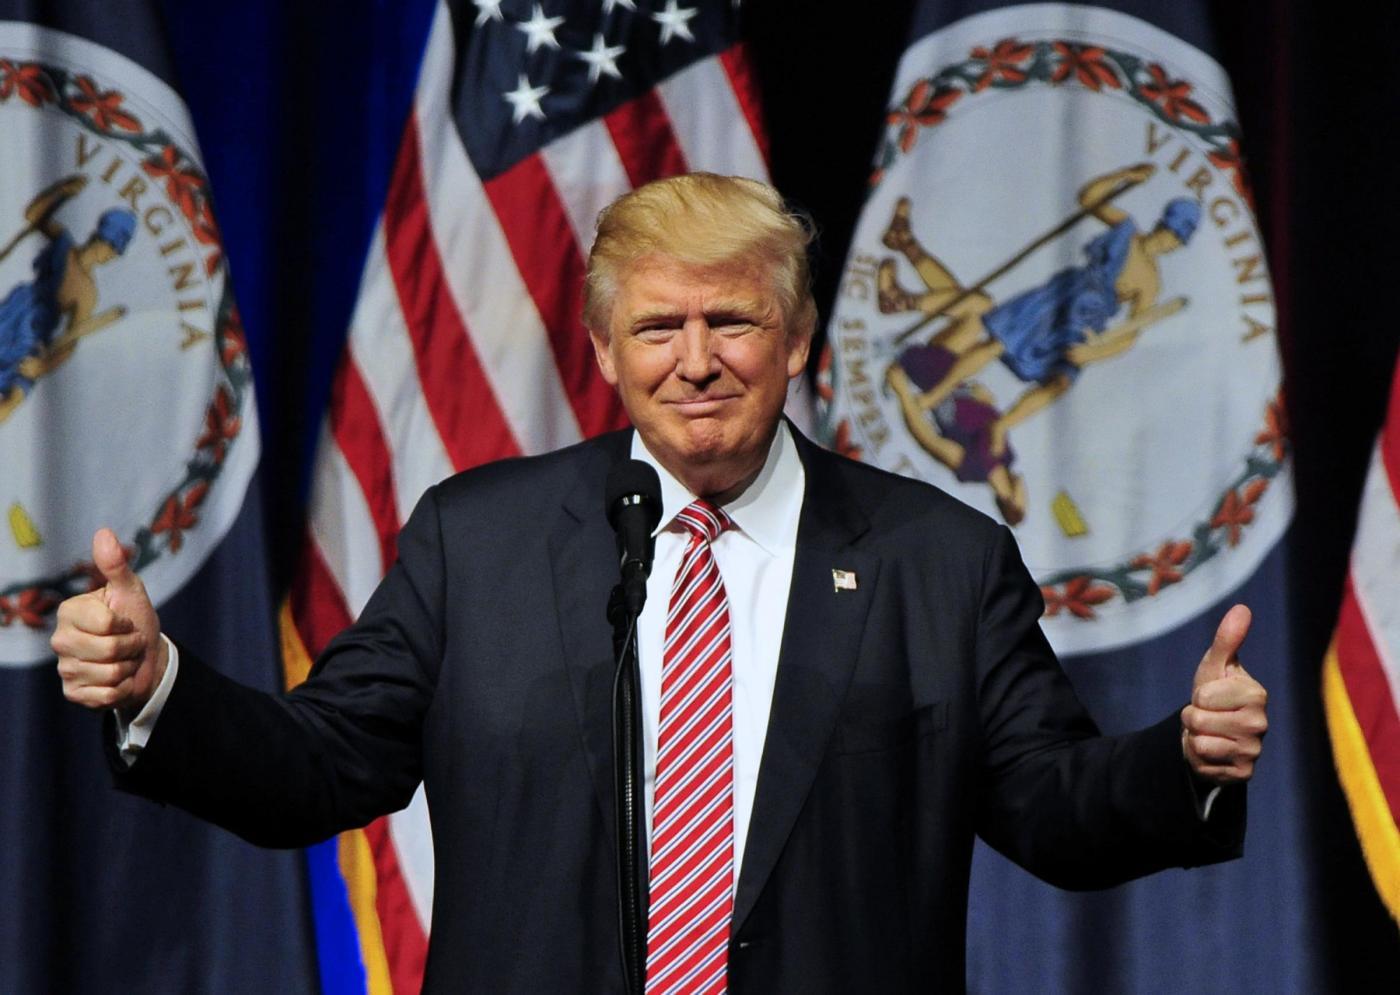 Politica estera di Donald Trump, le sfide internazionali del nuovo presidente USA